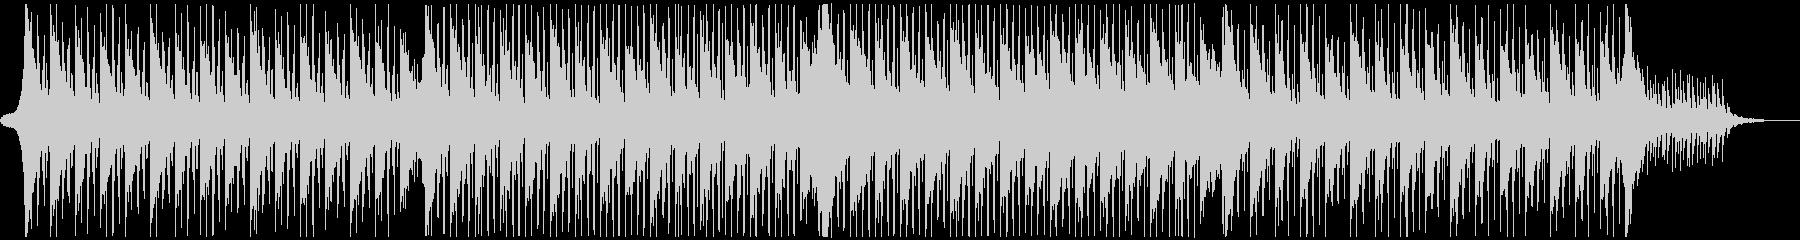 Gerberaの未再生の波形